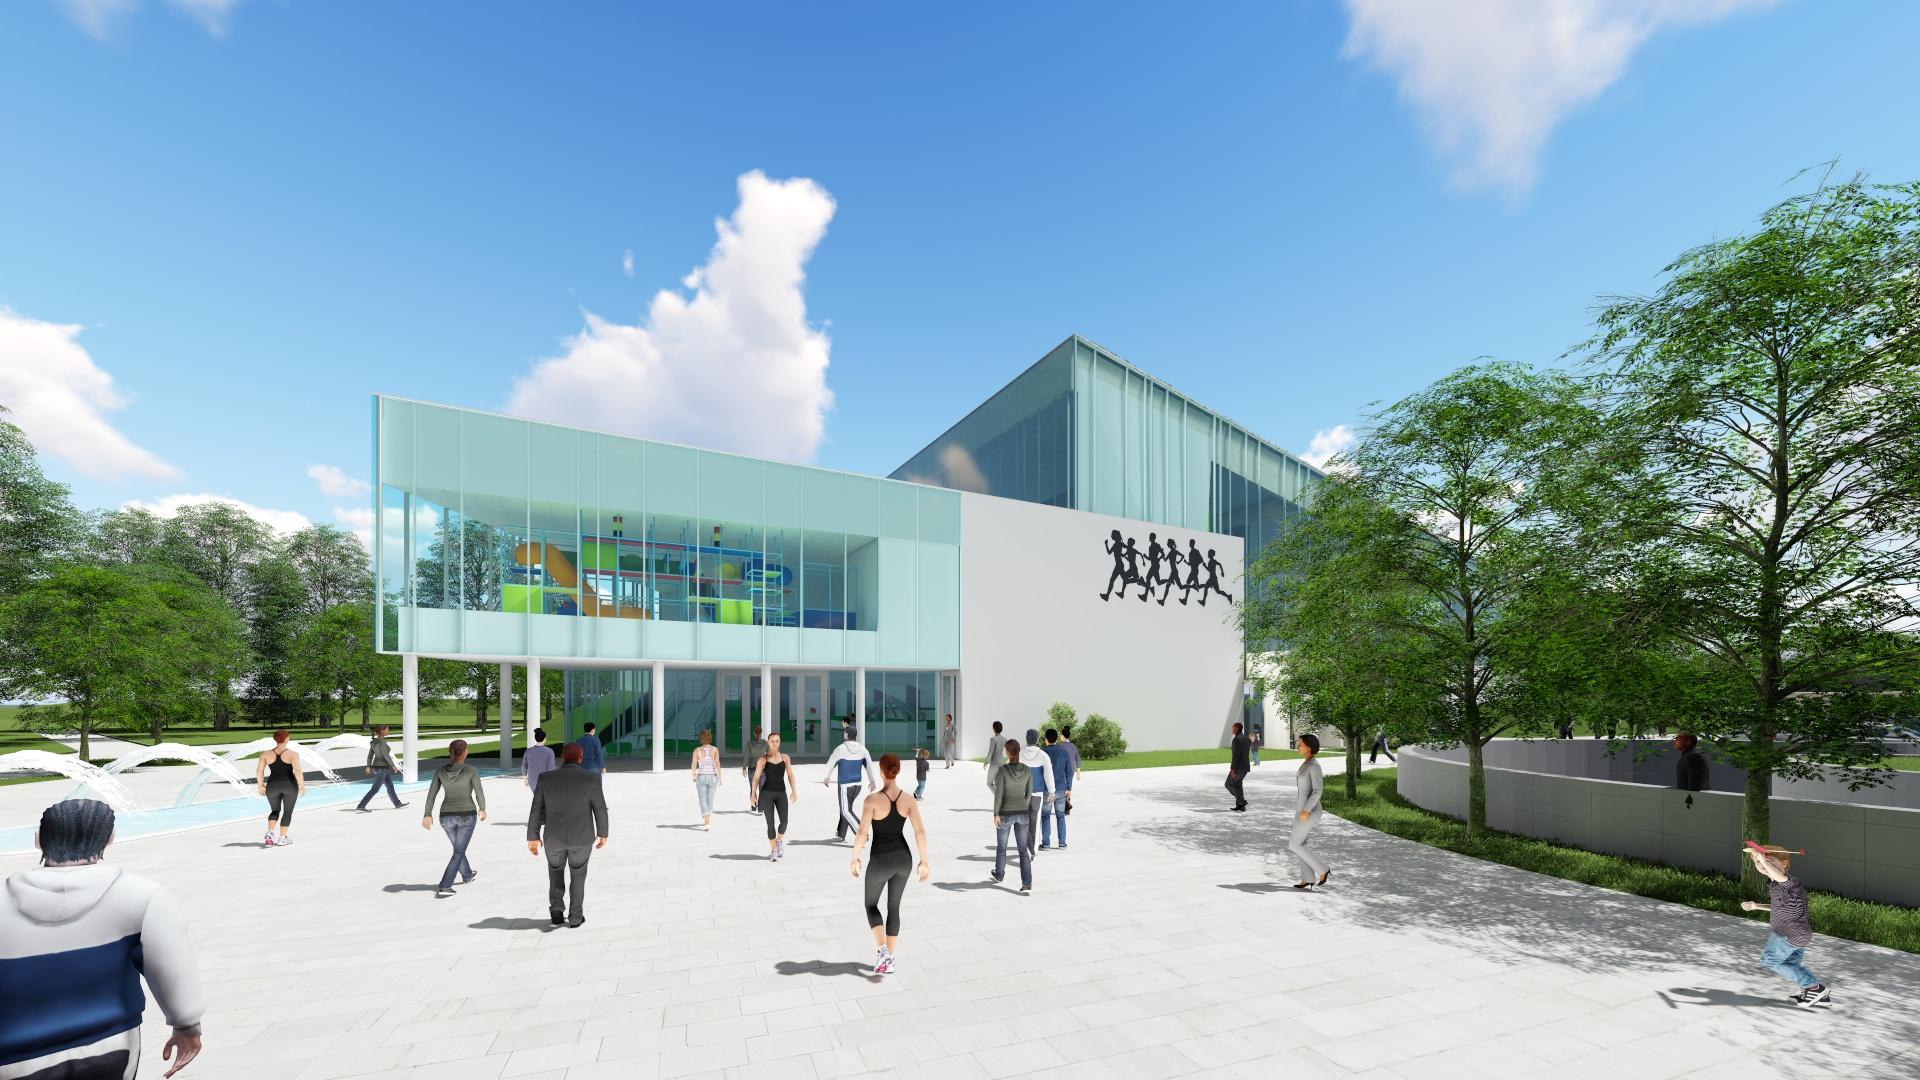 Tak będzie wyglądała hala sportowa, która ma powstać za kilka lat w Andrychowie